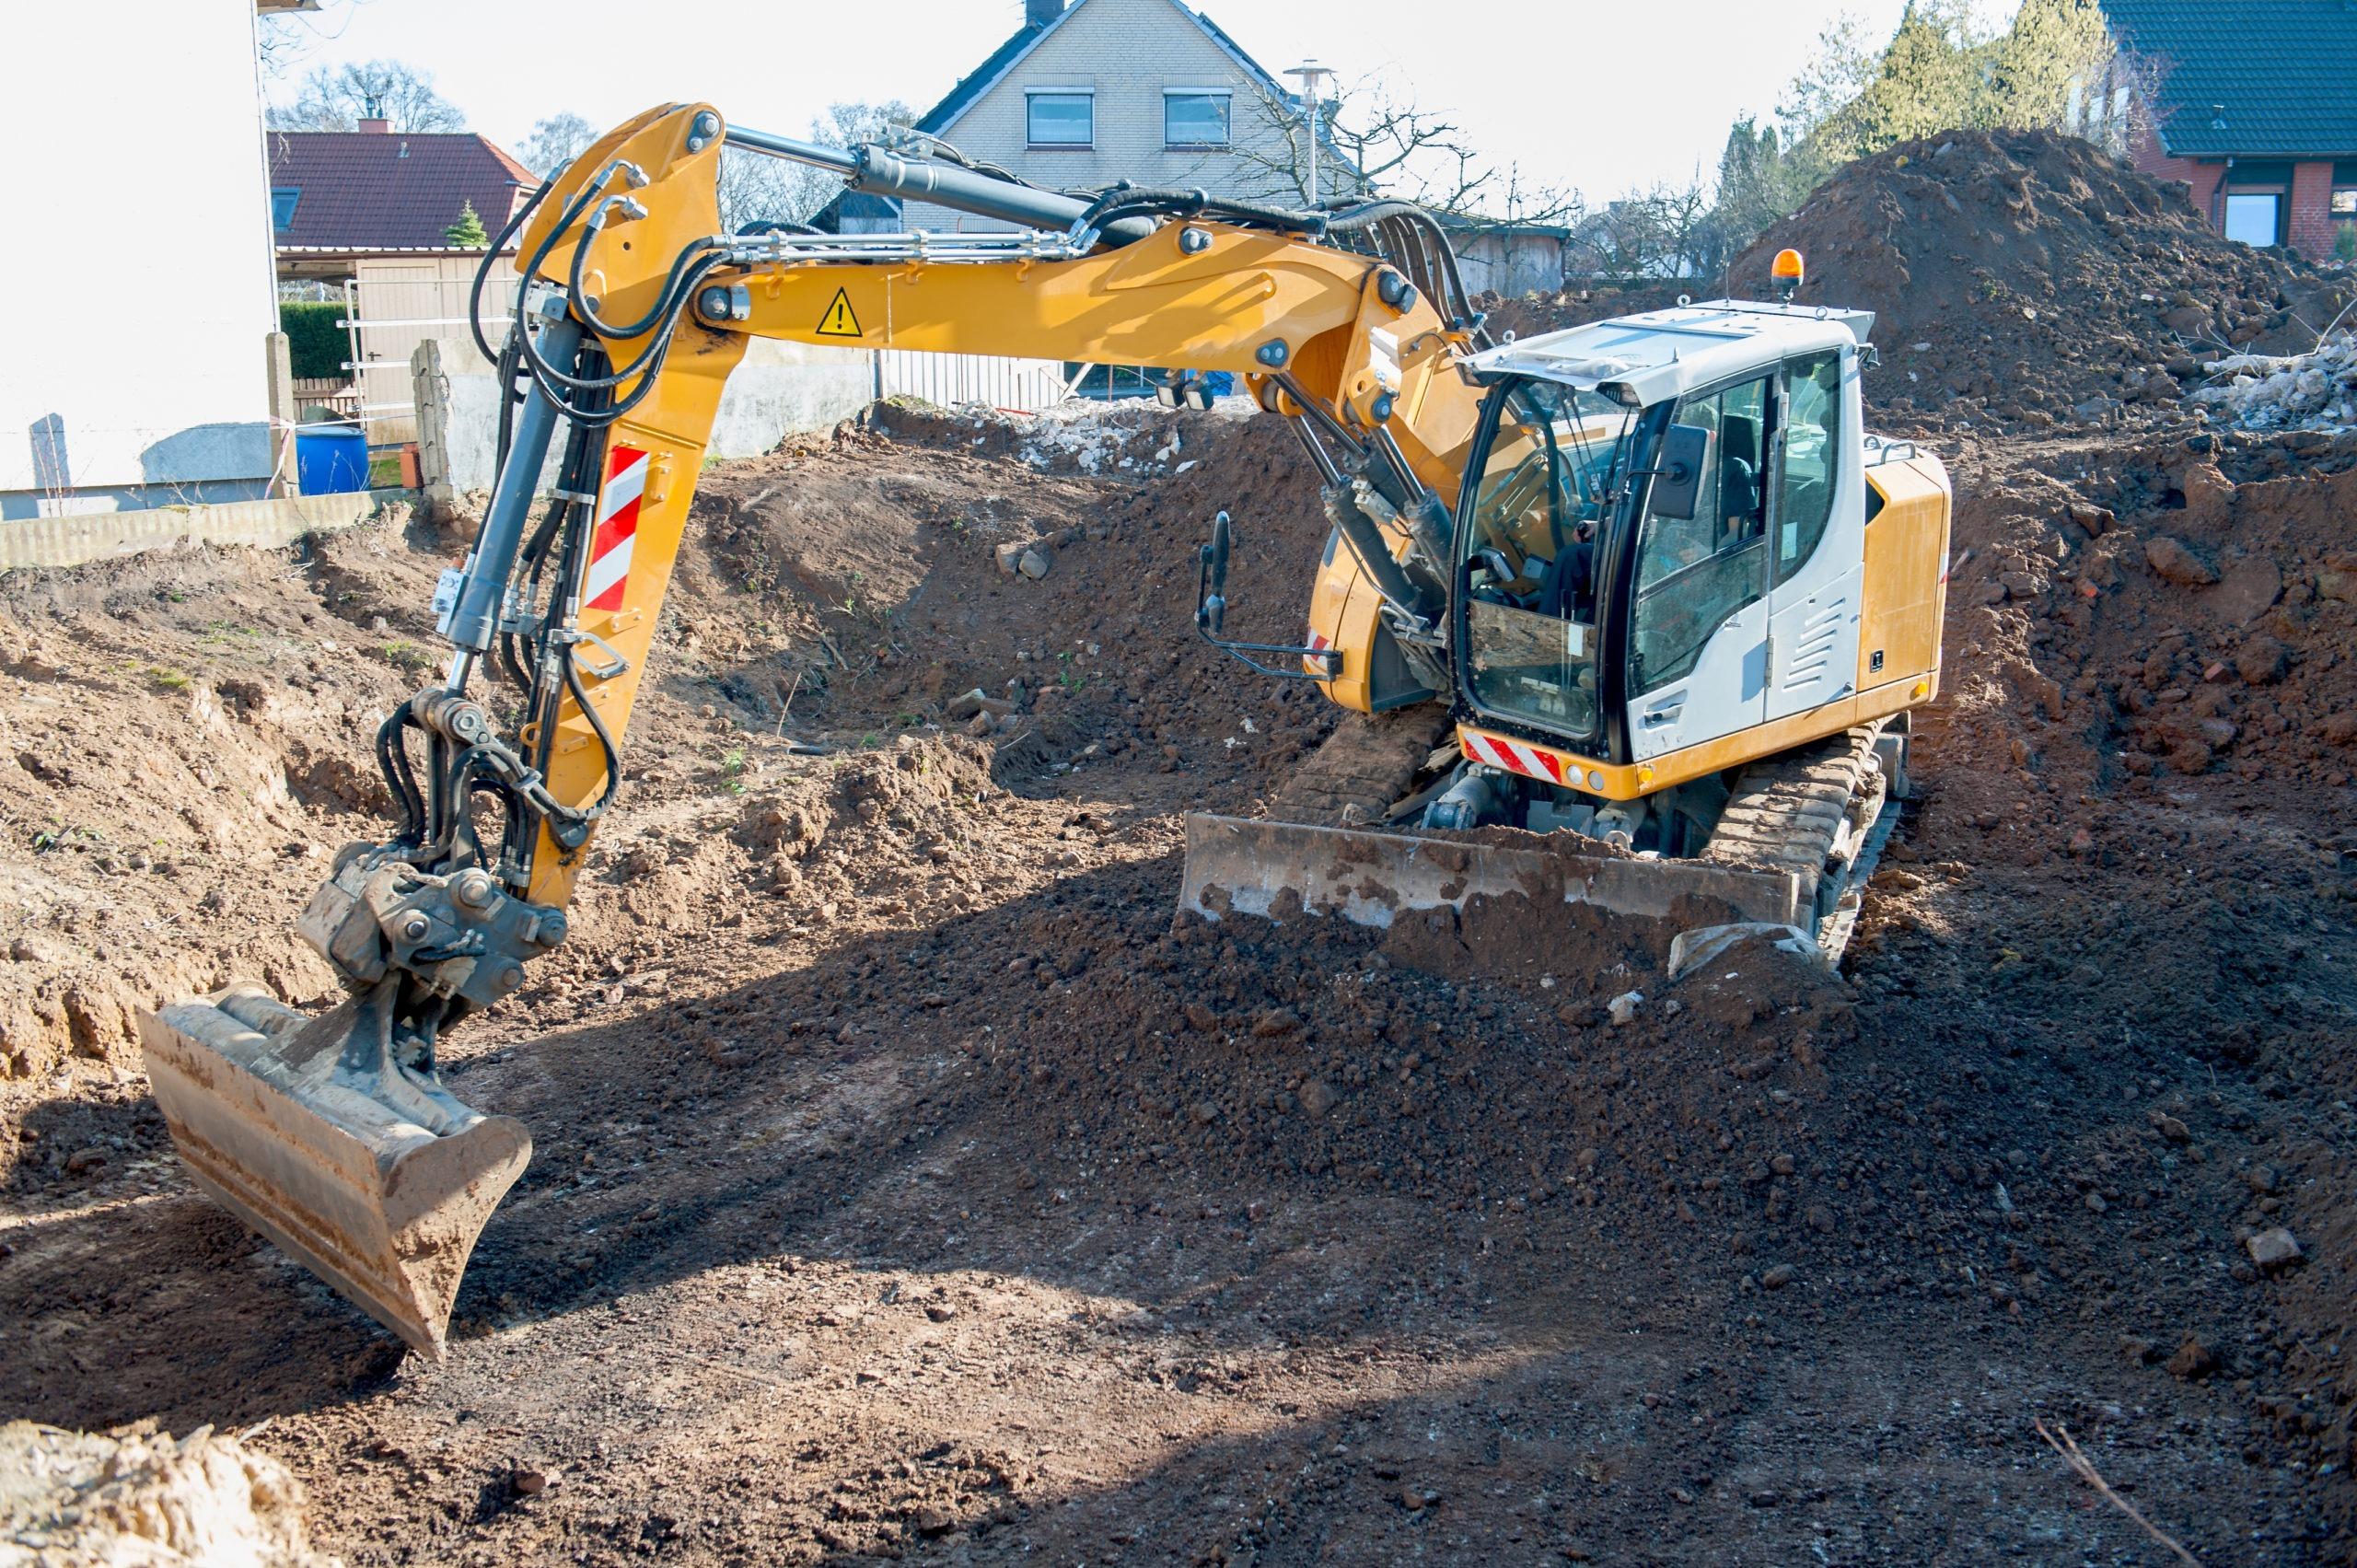 Hausbau, Ausheben einer Baugrube mit Bagger